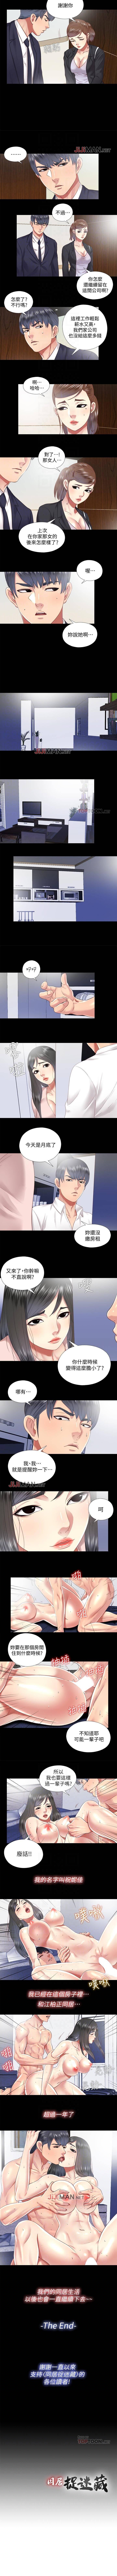 【已完结】同居捉迷藏(作者:林巨星) 第1~30话 122